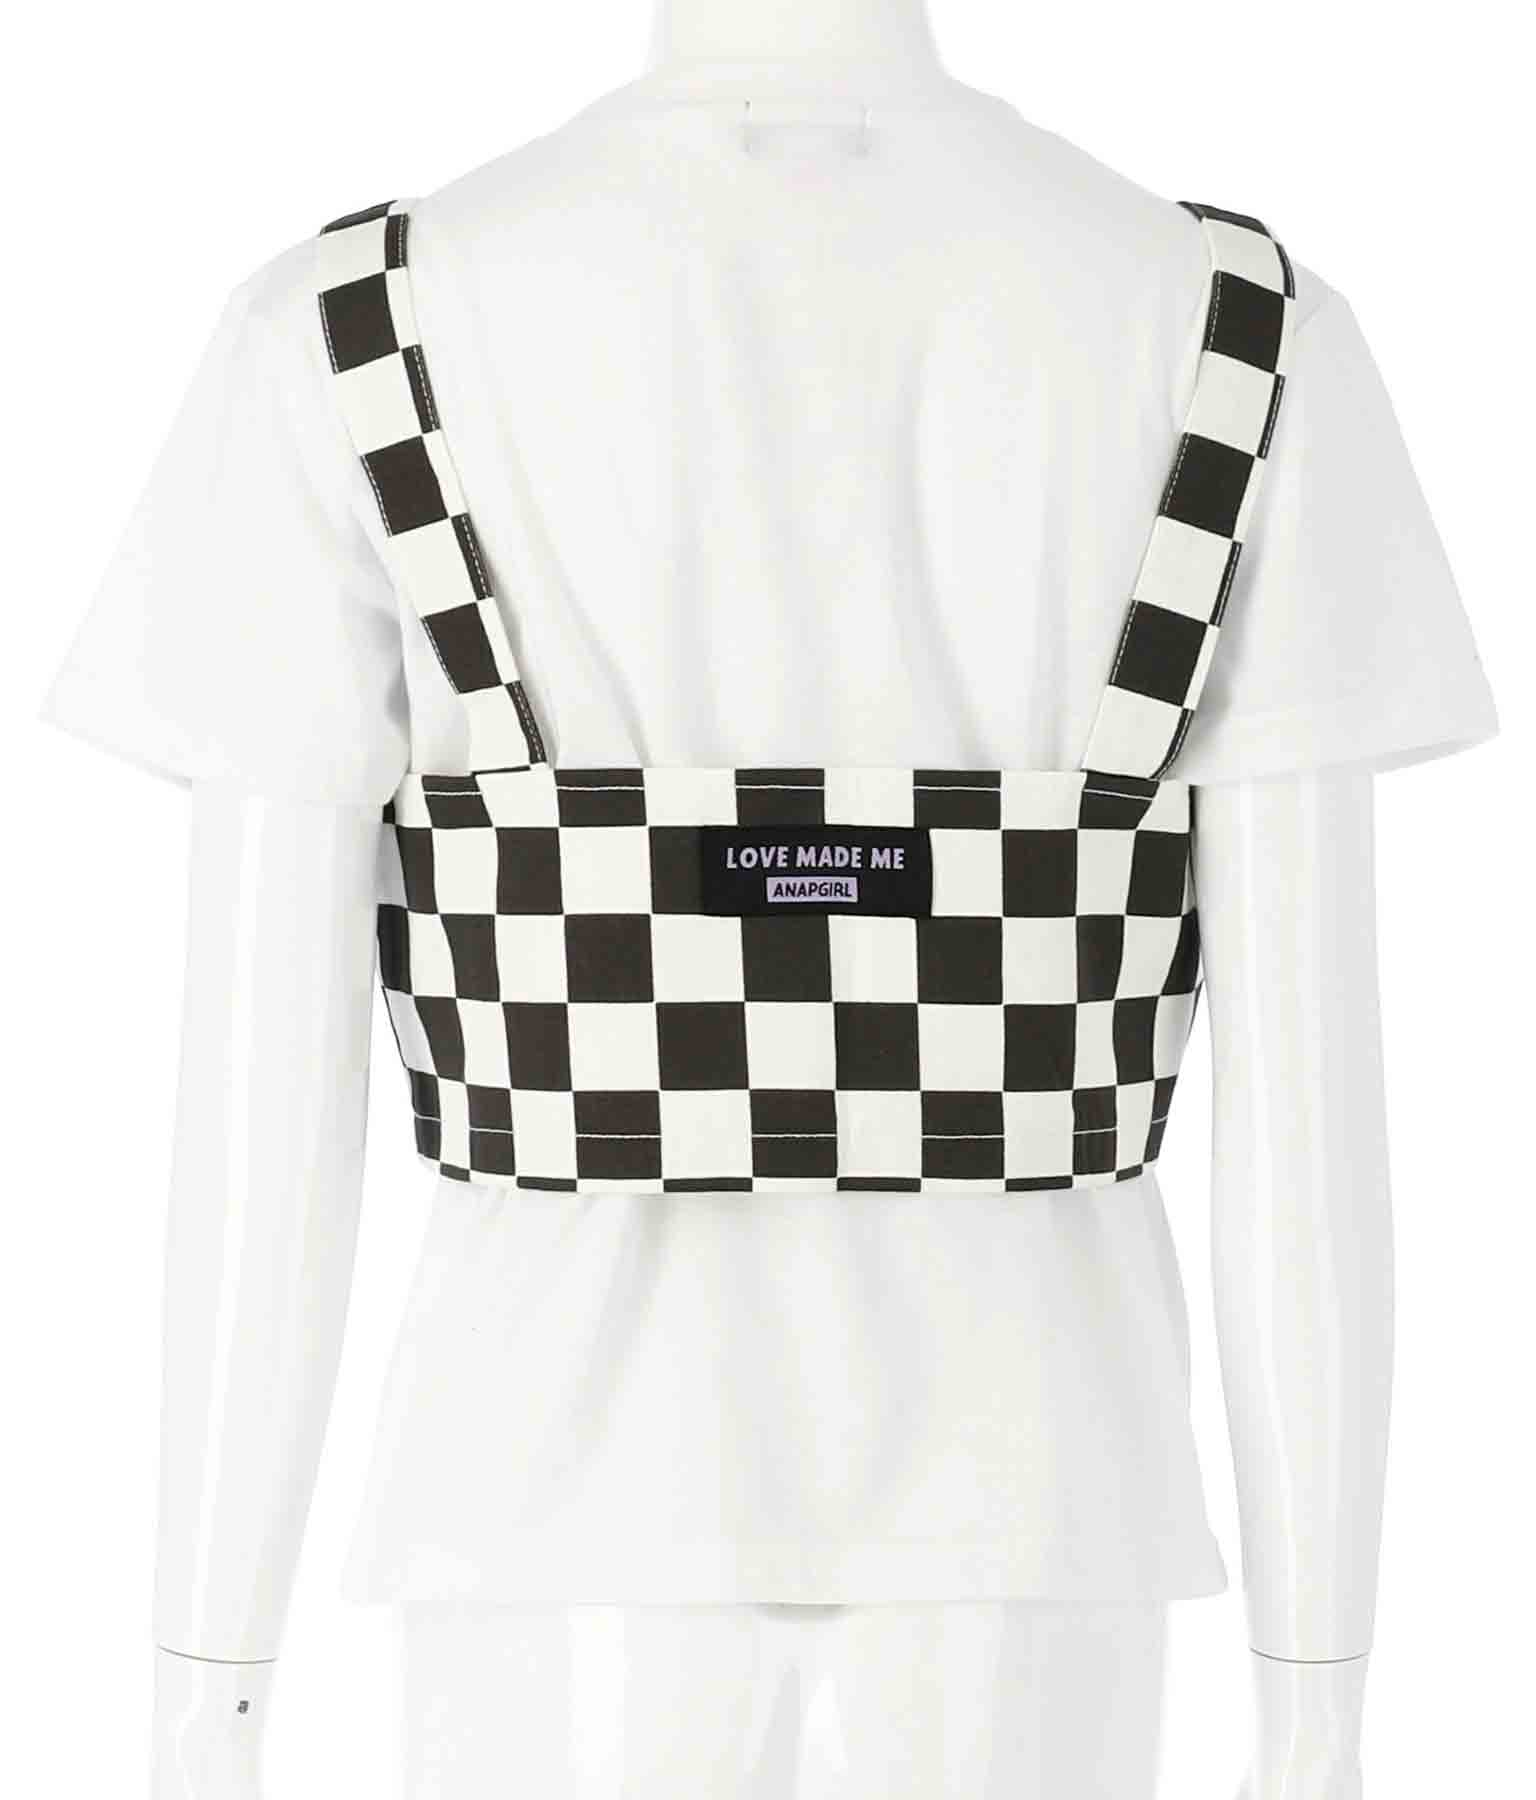 ビスチェTシャツセット(トップス/Tシャツ・ビスチェ) | ANAP GiRL